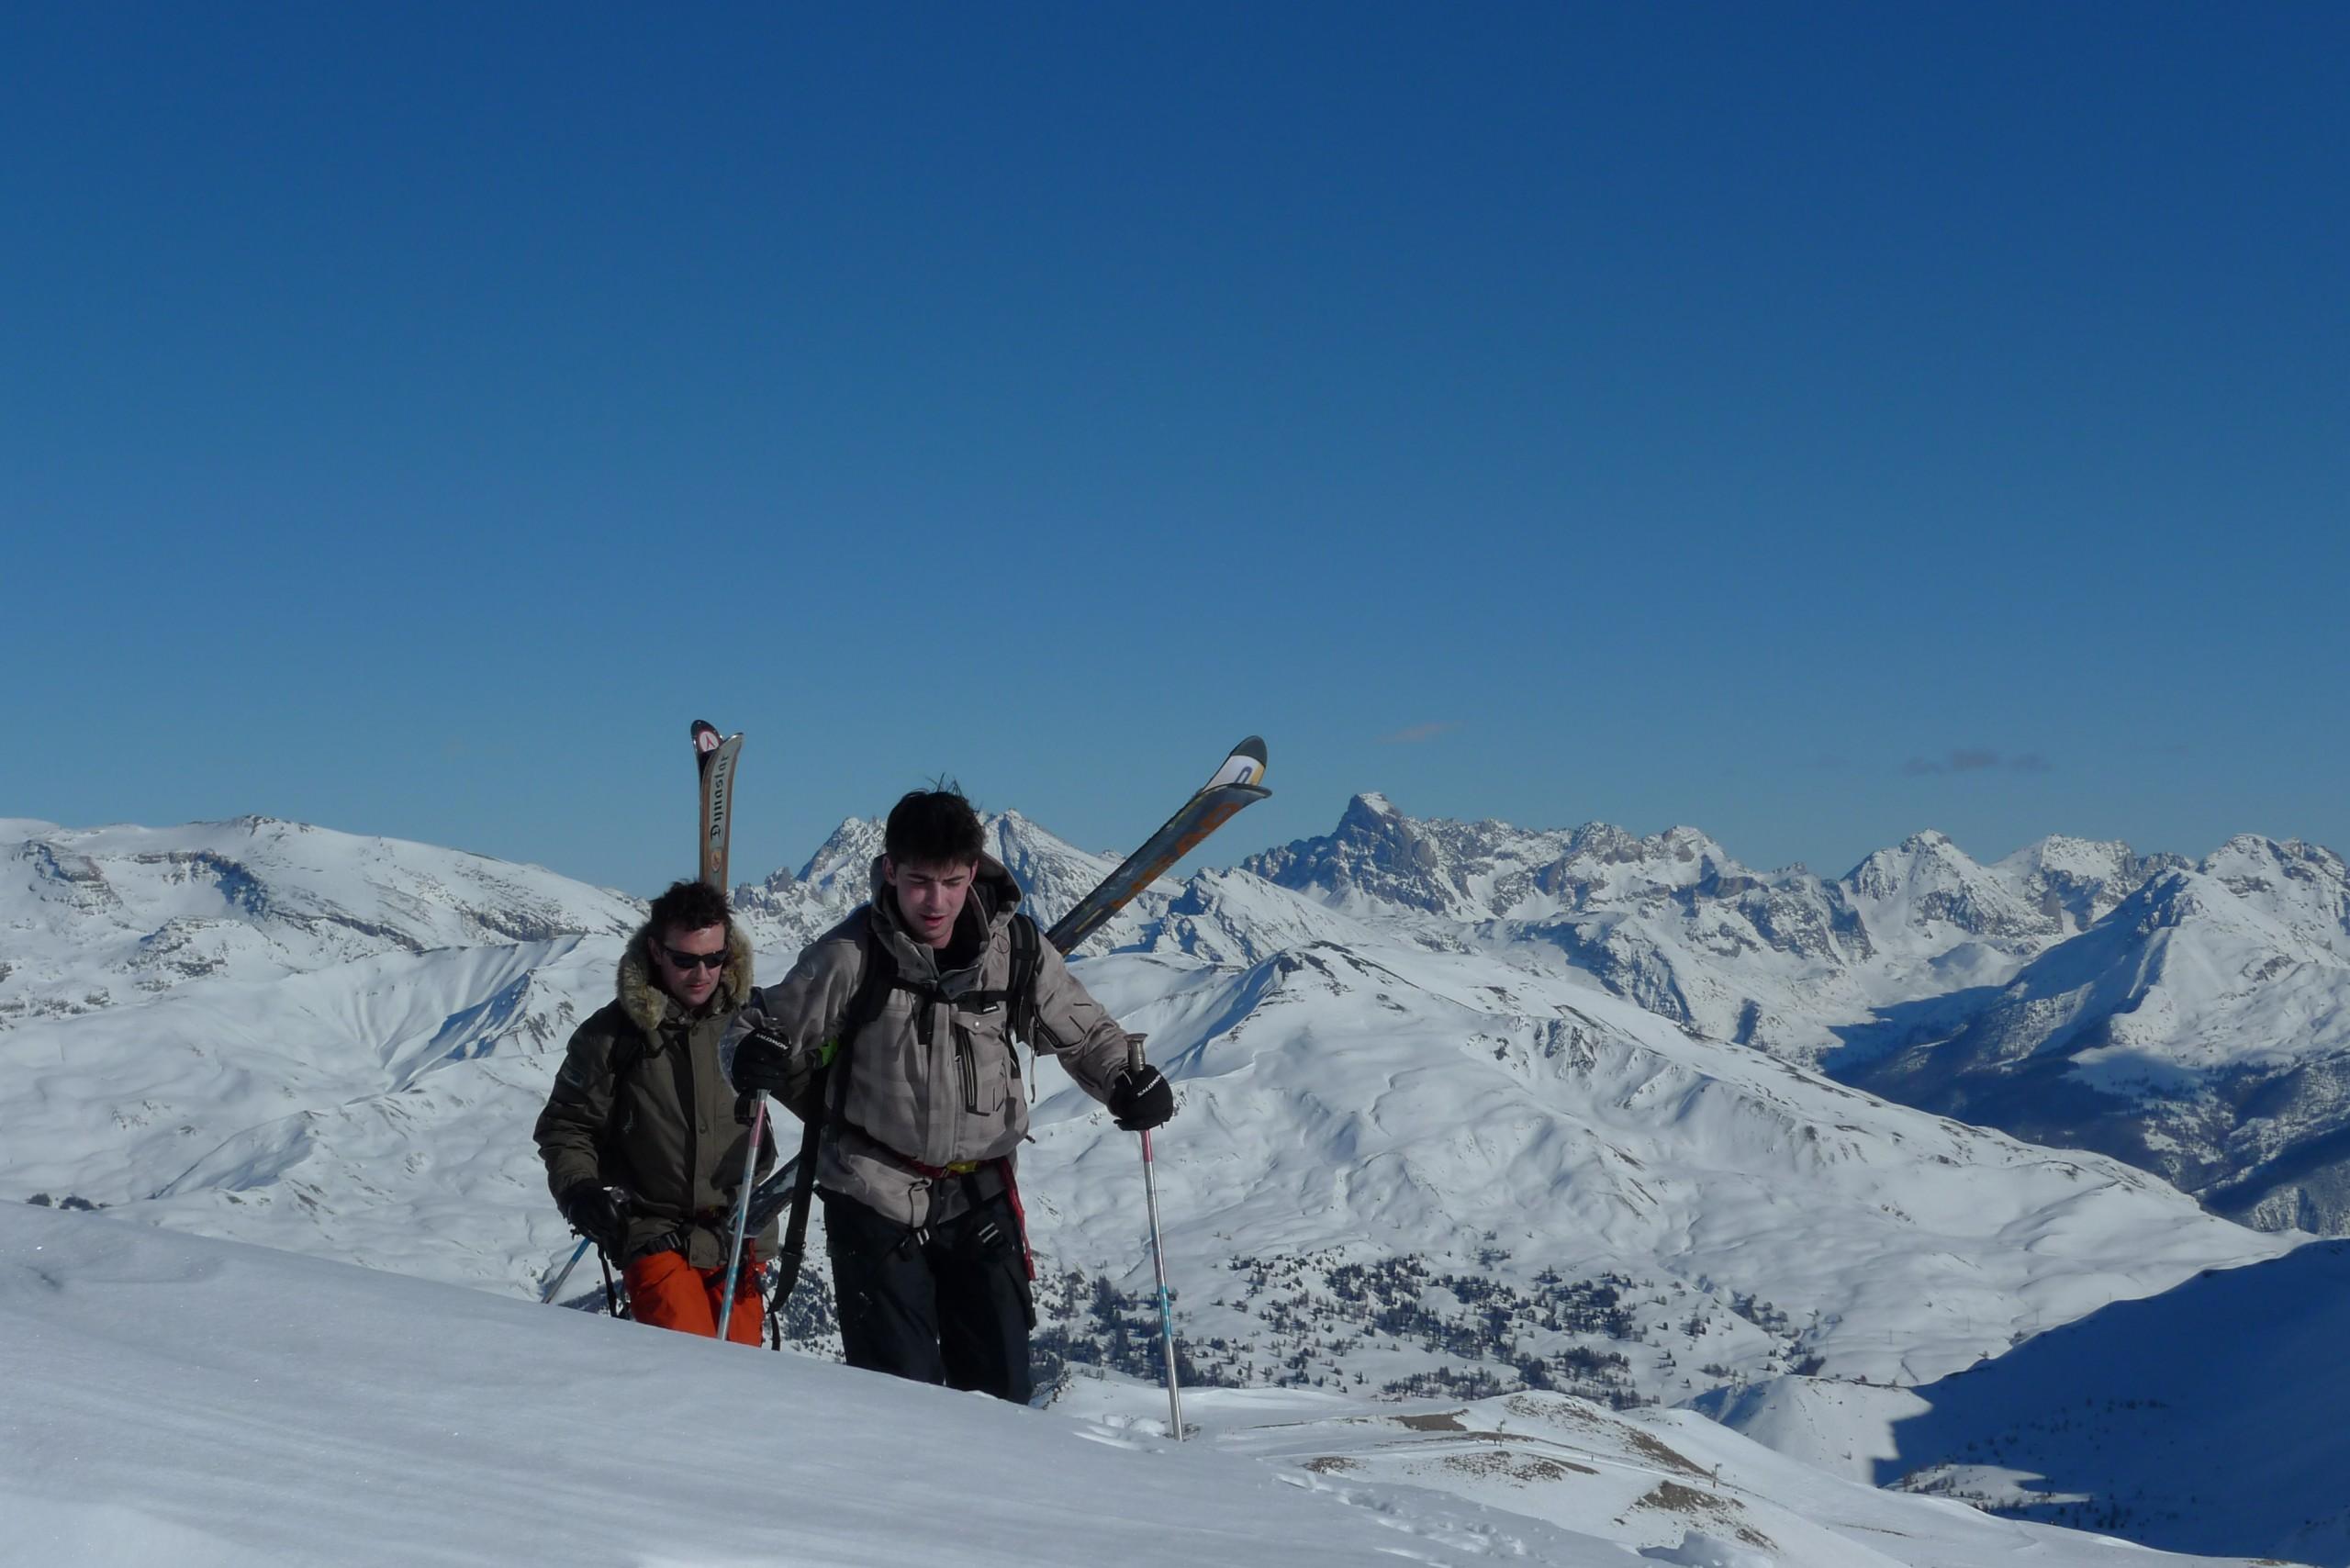 Deux skieurs monte ski sur le dos, avant une descente hors piste sur Vars et Risoul en compagnie de leur guide de montagne.